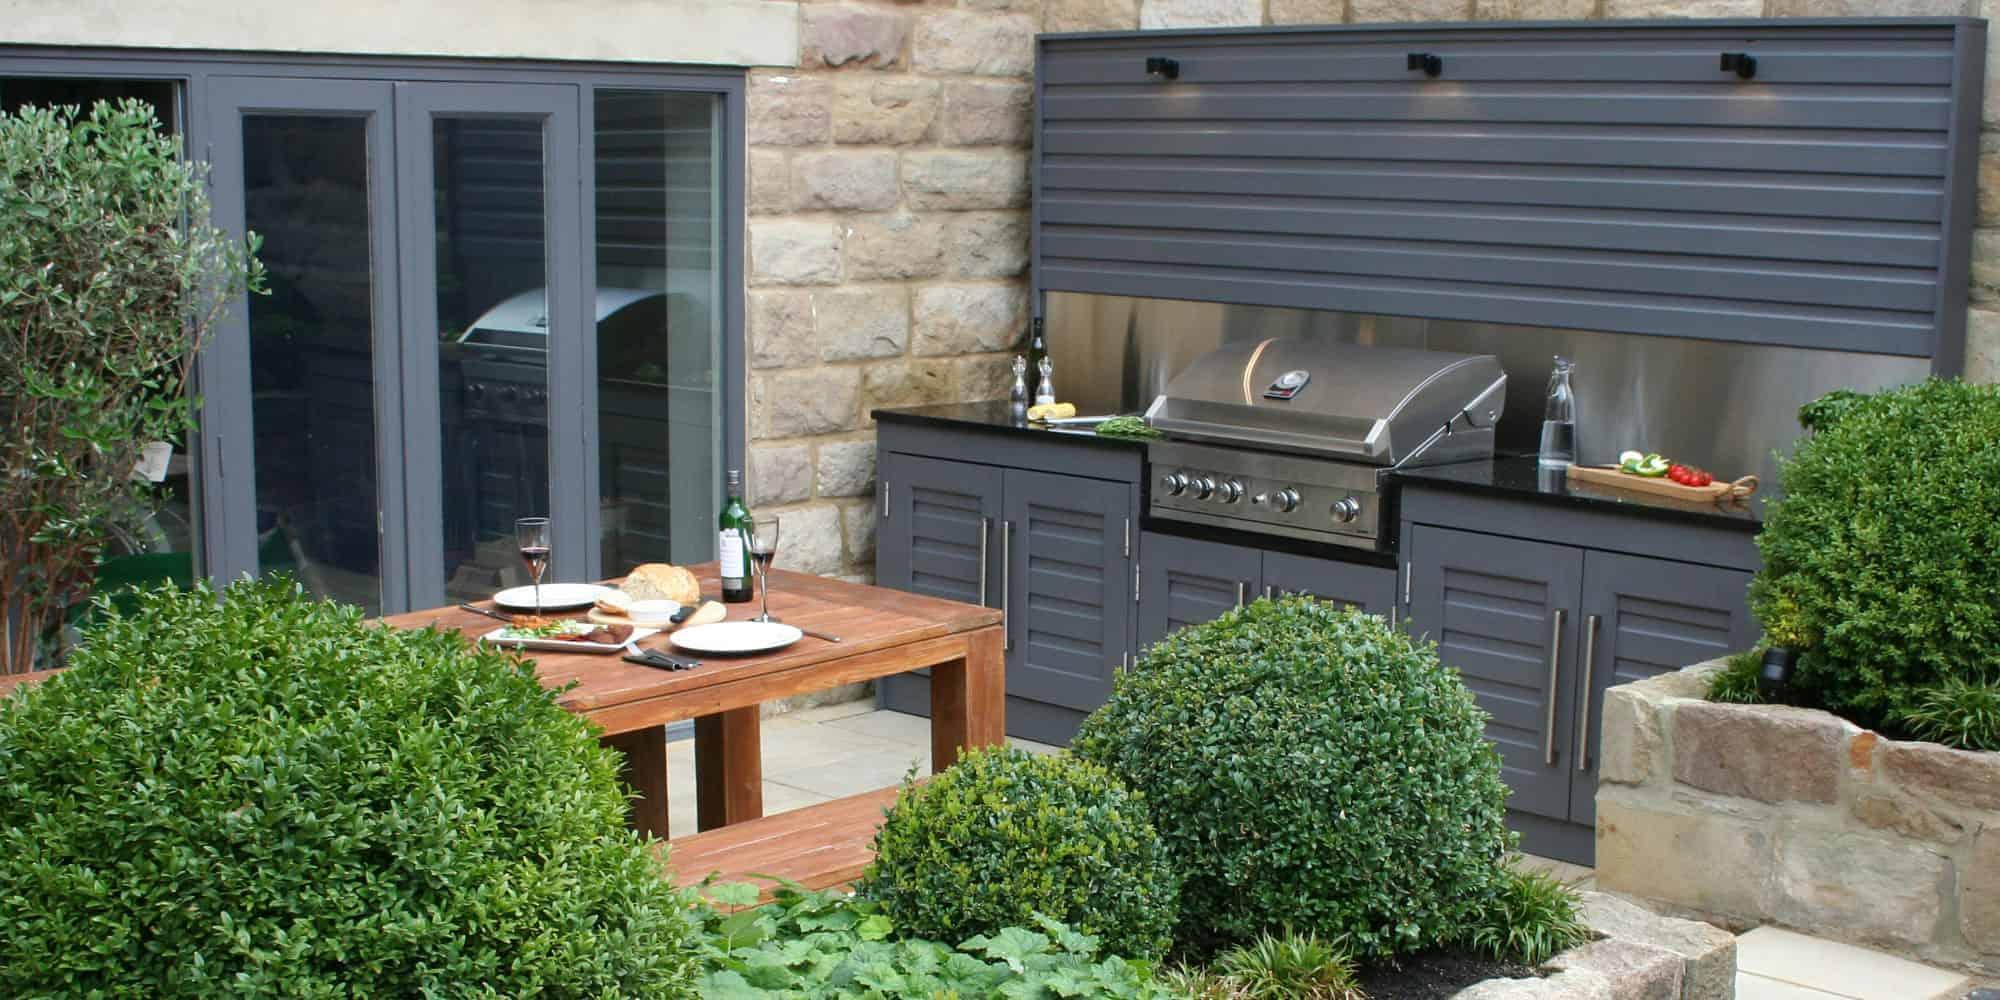 Outdoor kitchen in your garden | Bestall & Co